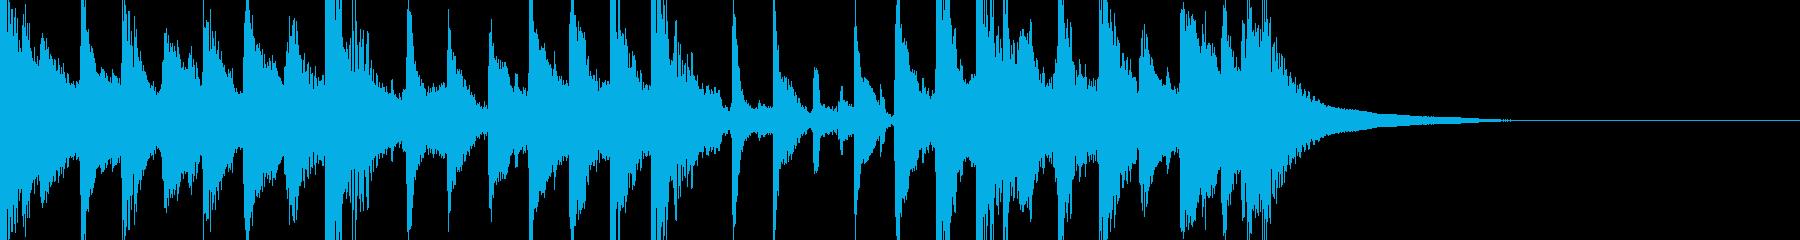 エスニック風のジングルの再生済みの波形